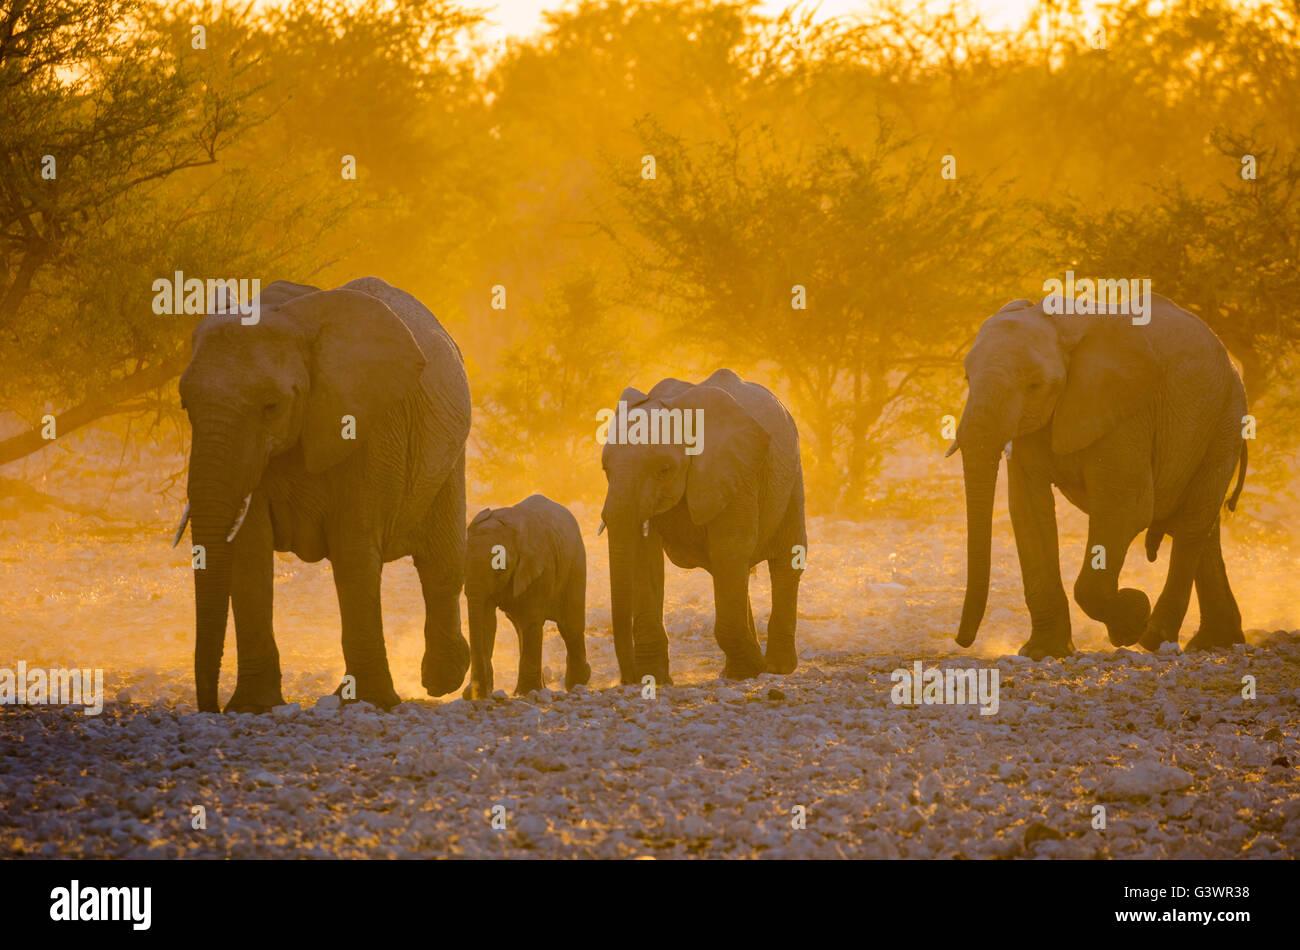 African elephants in Etosha National Park, Namibia. - Stock Image